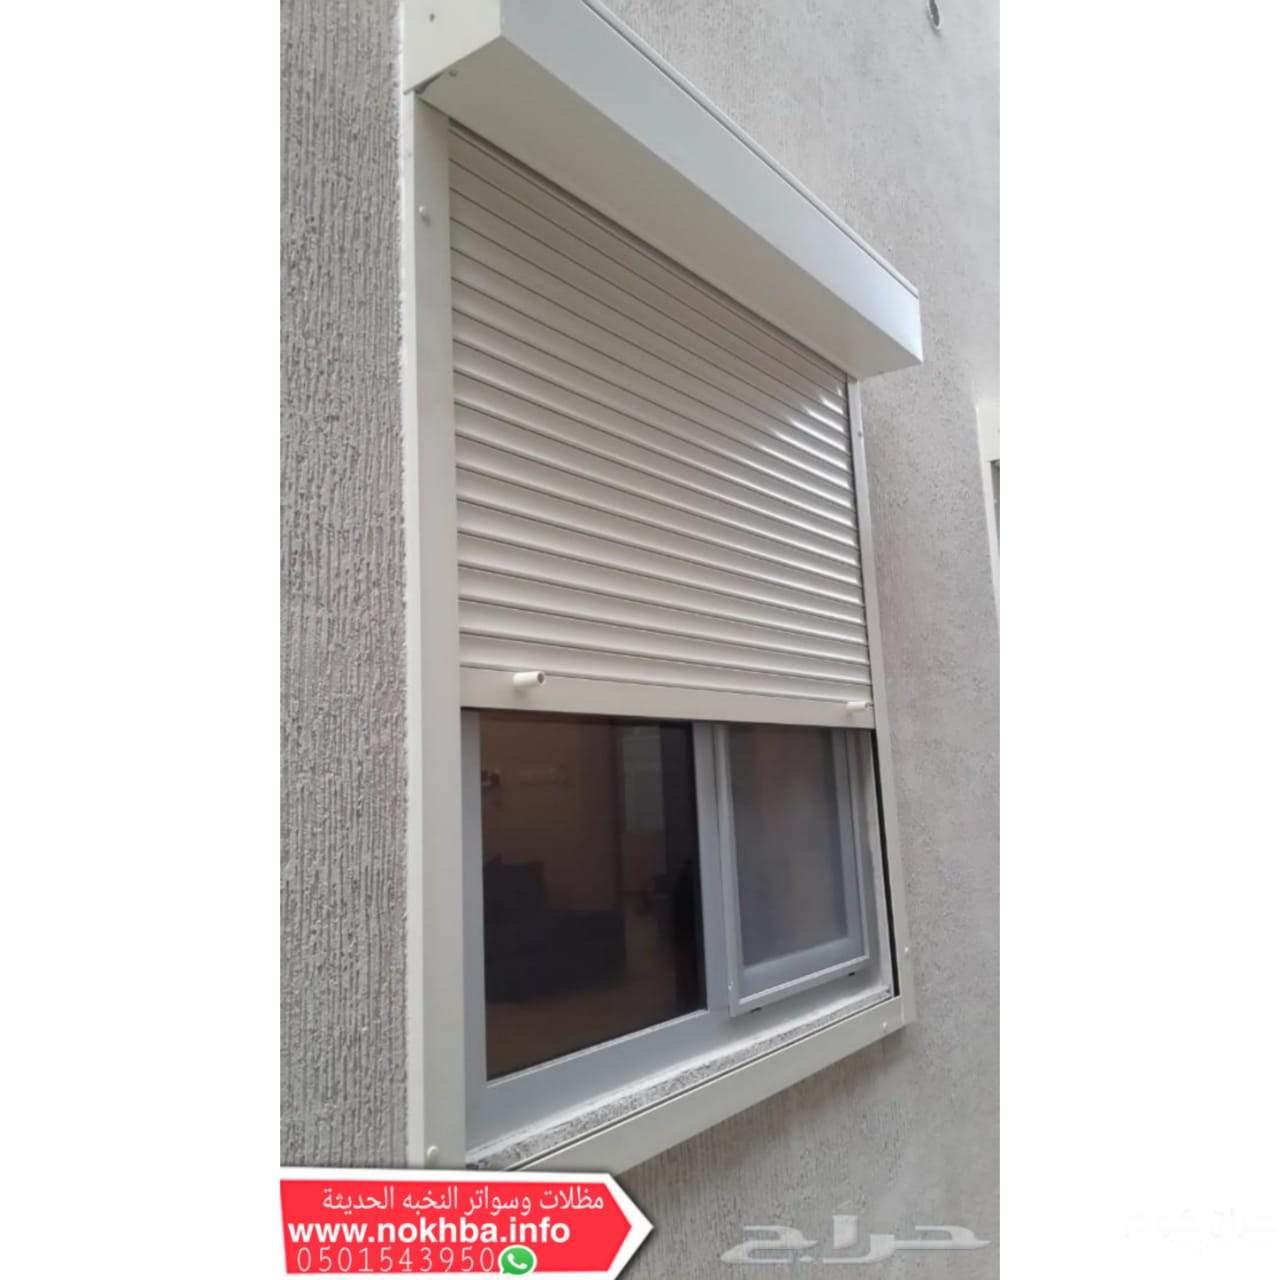 شتر نوافذ , ابواب المنيوم , 0501543950 , تركيب شتر نوافذ وابواب المونيوم في جدة و مكه